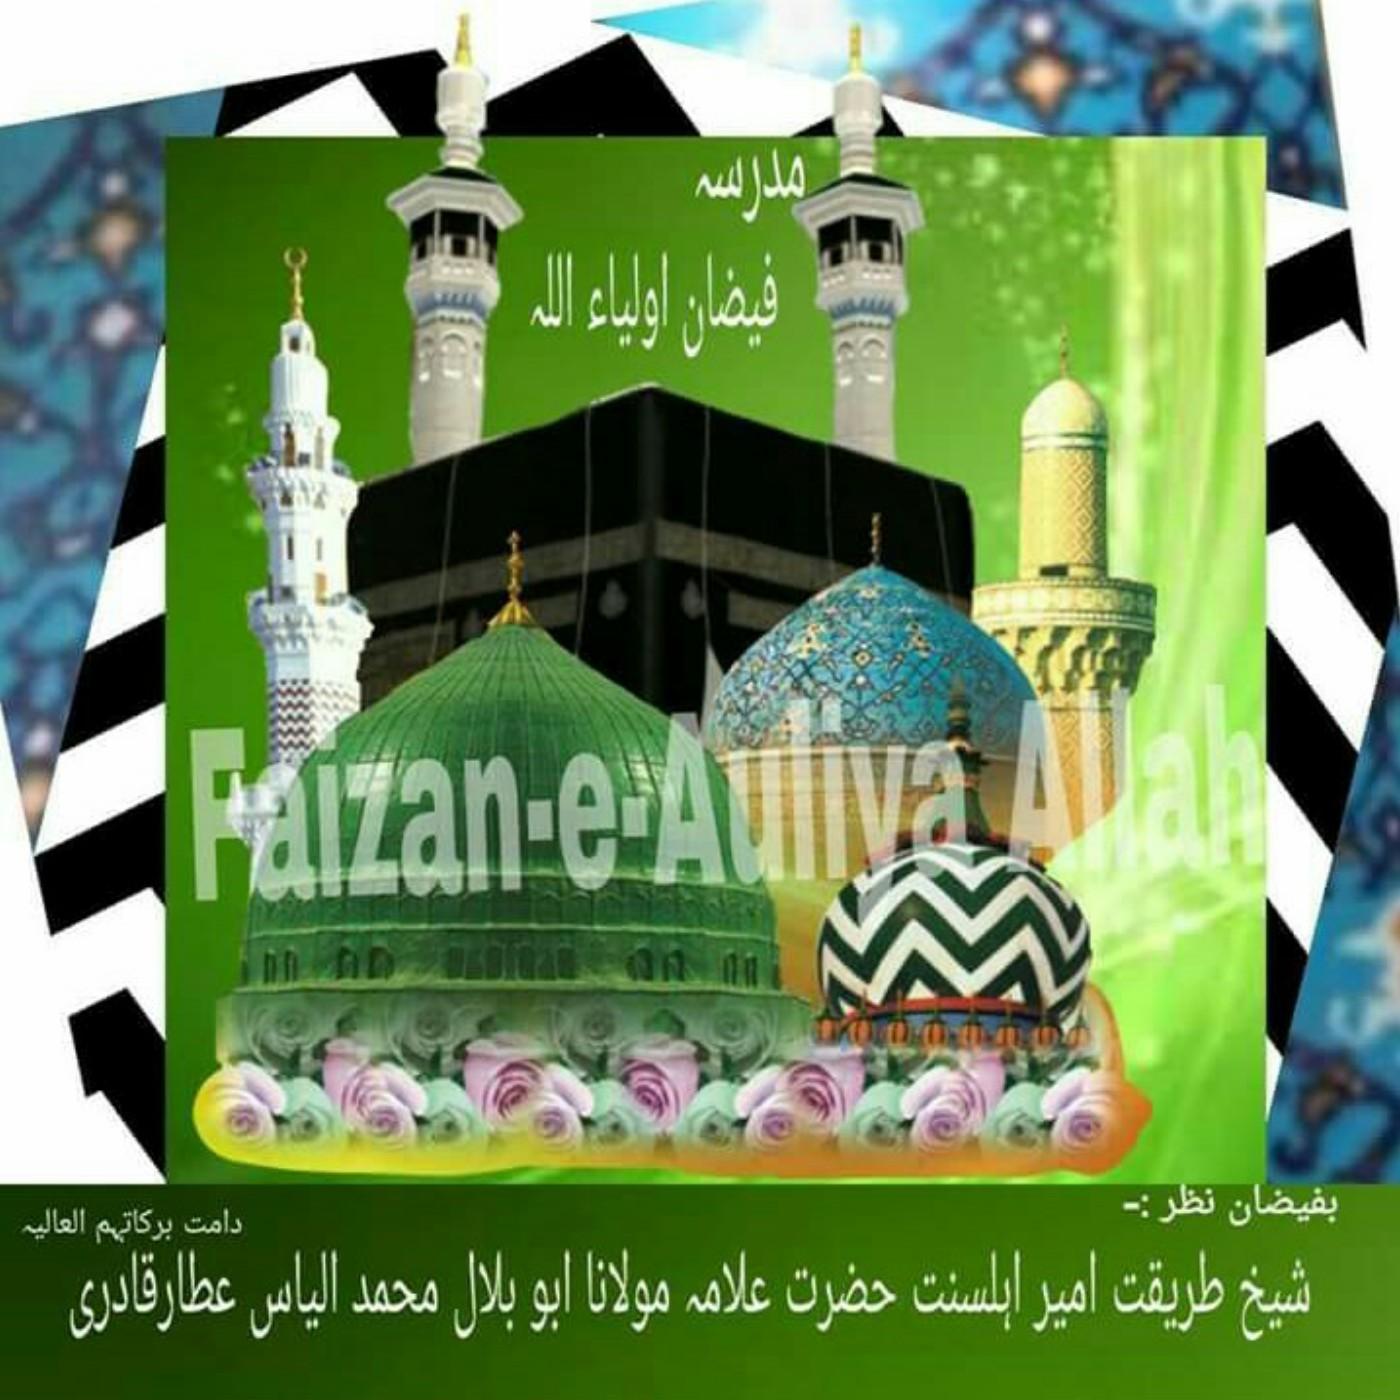 FAIZAN-E-AULIYA ALLAH Radio HK